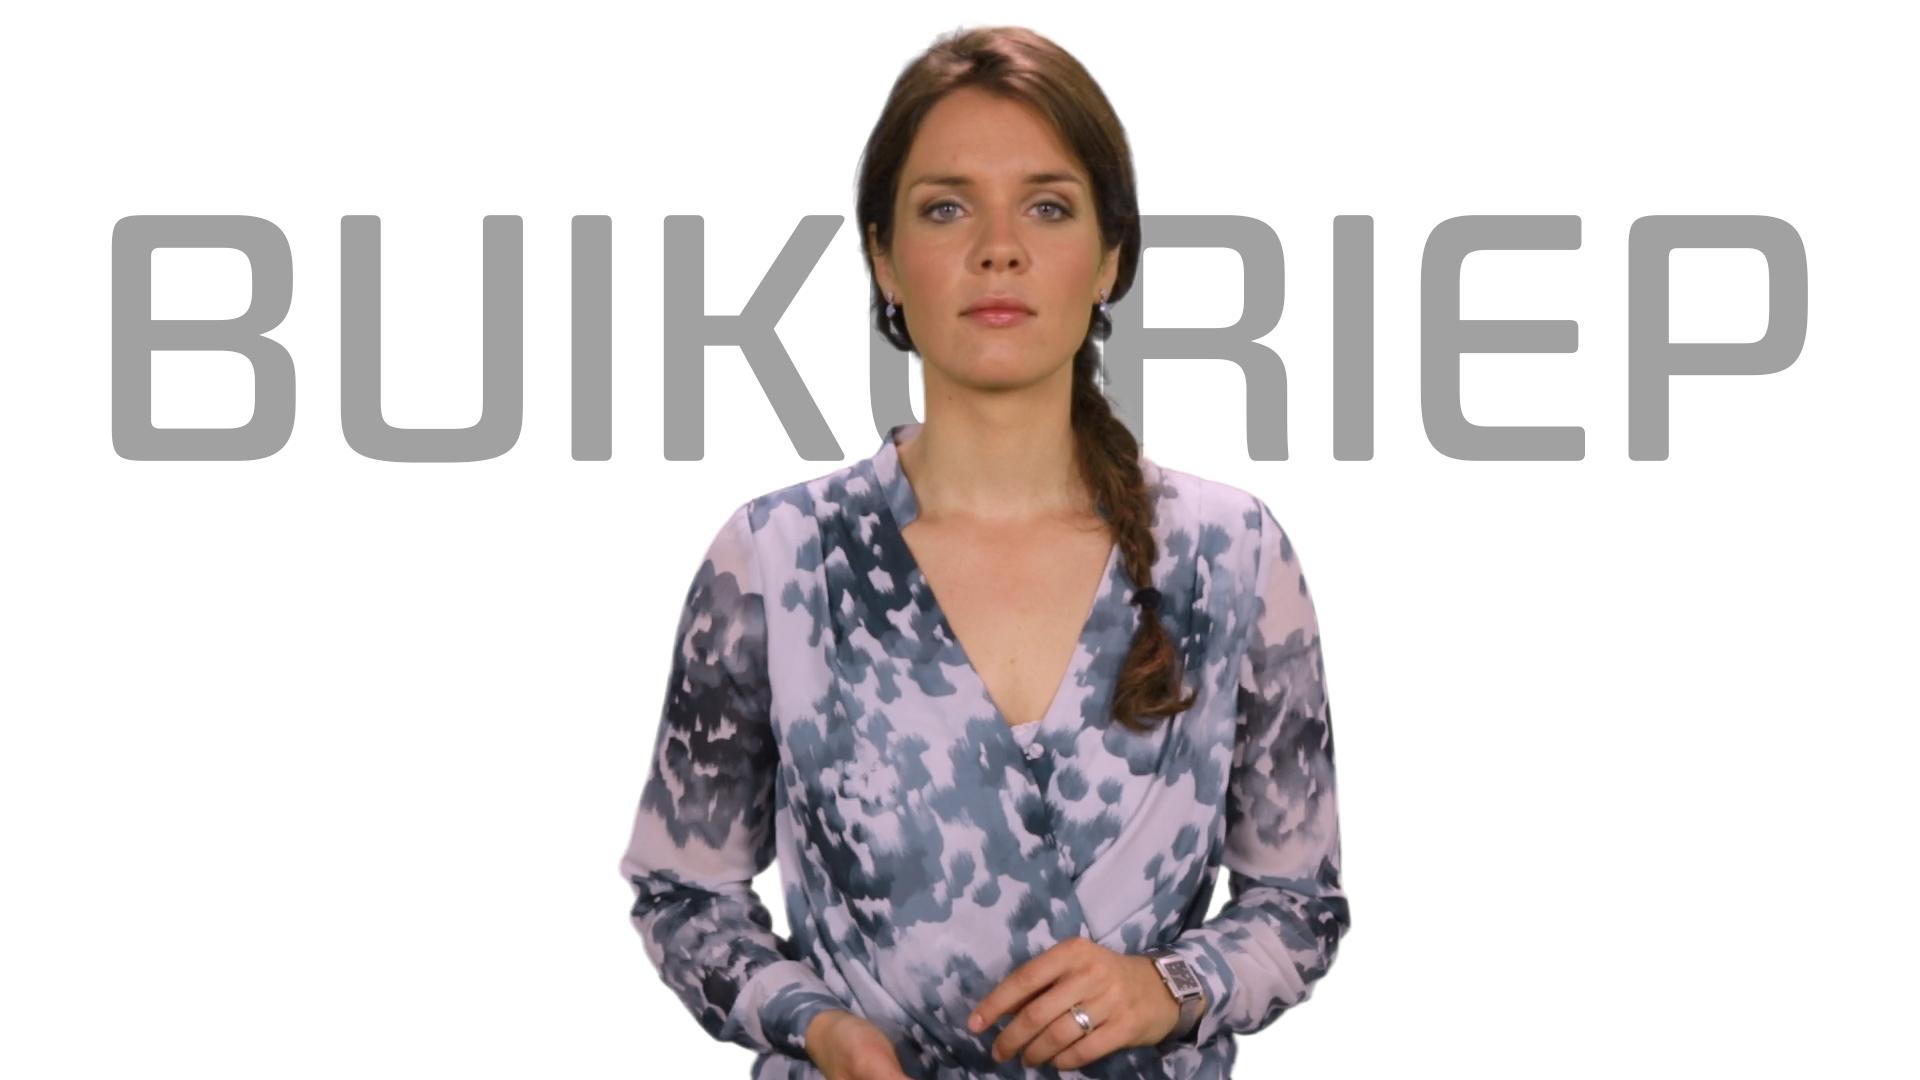 Bekijk de video: Buikgriep